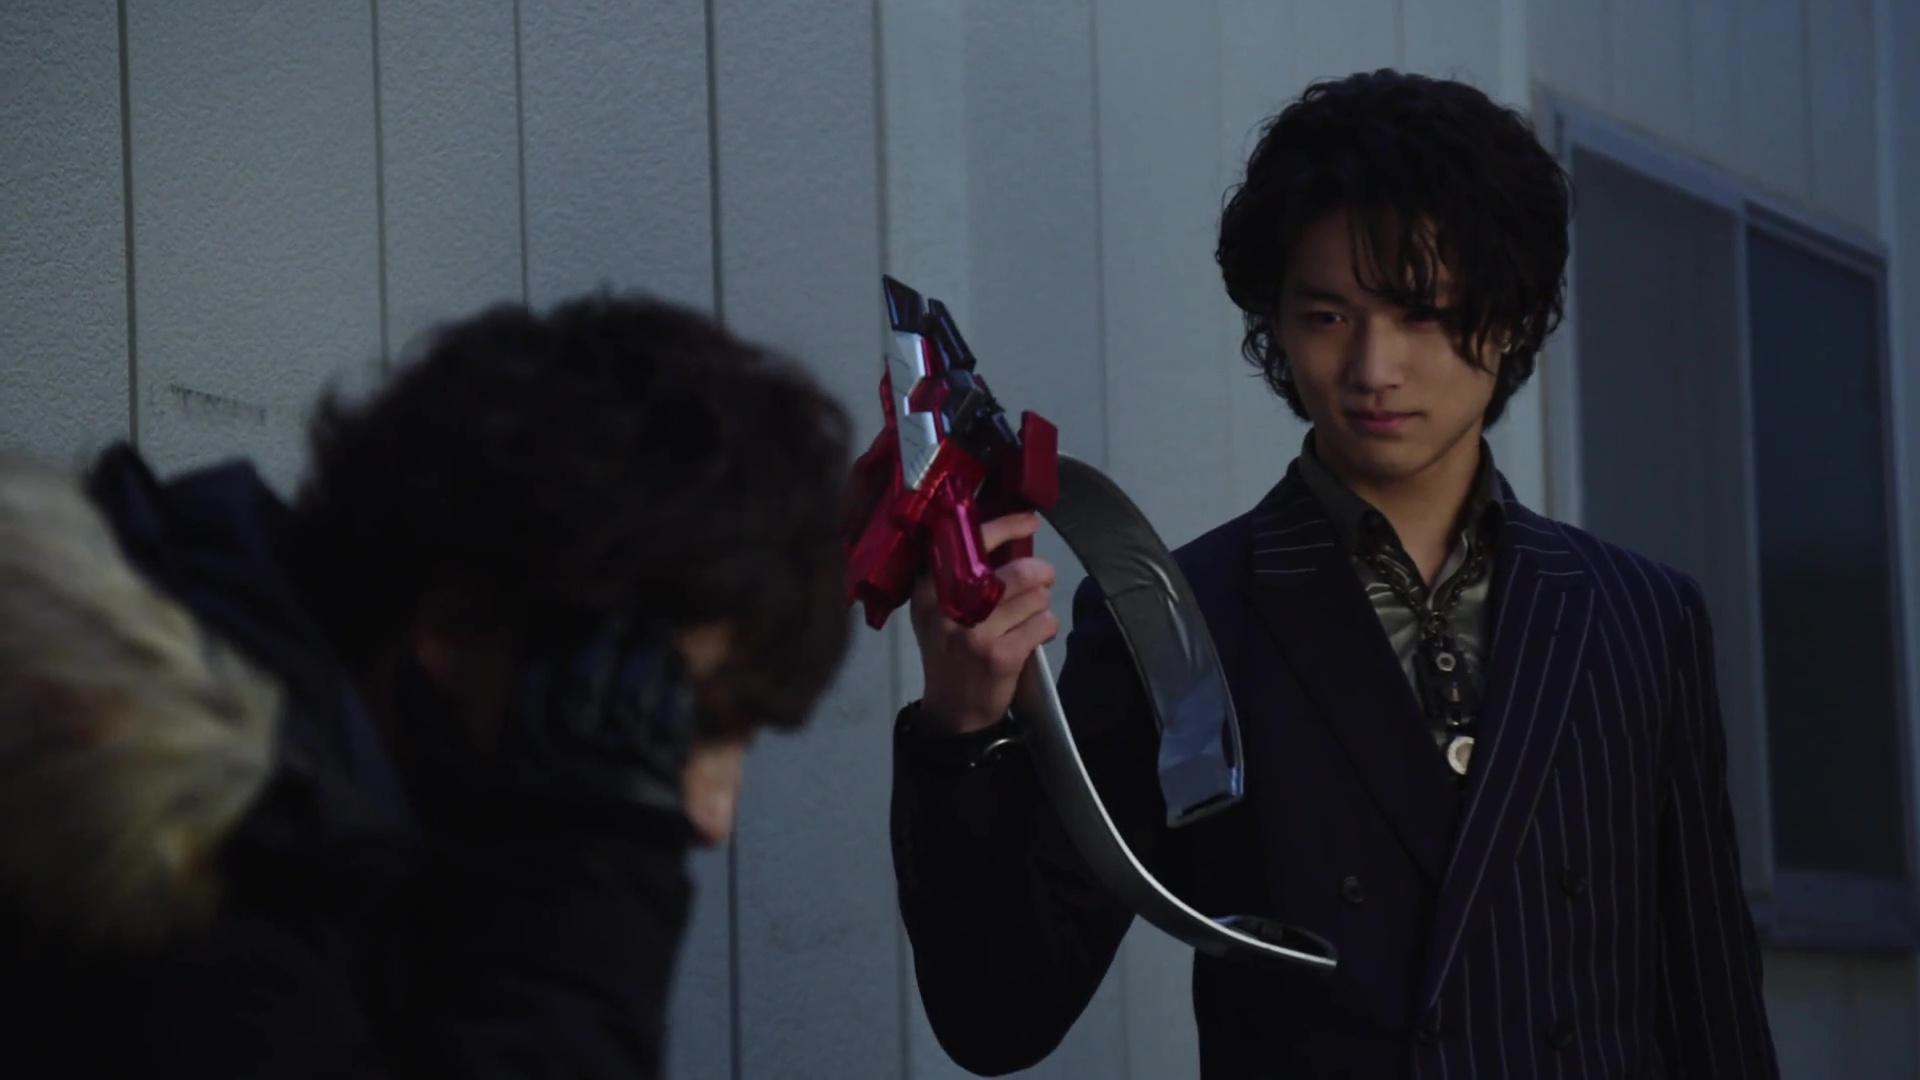 Kamen Rider Zero One Episode 28 Recap